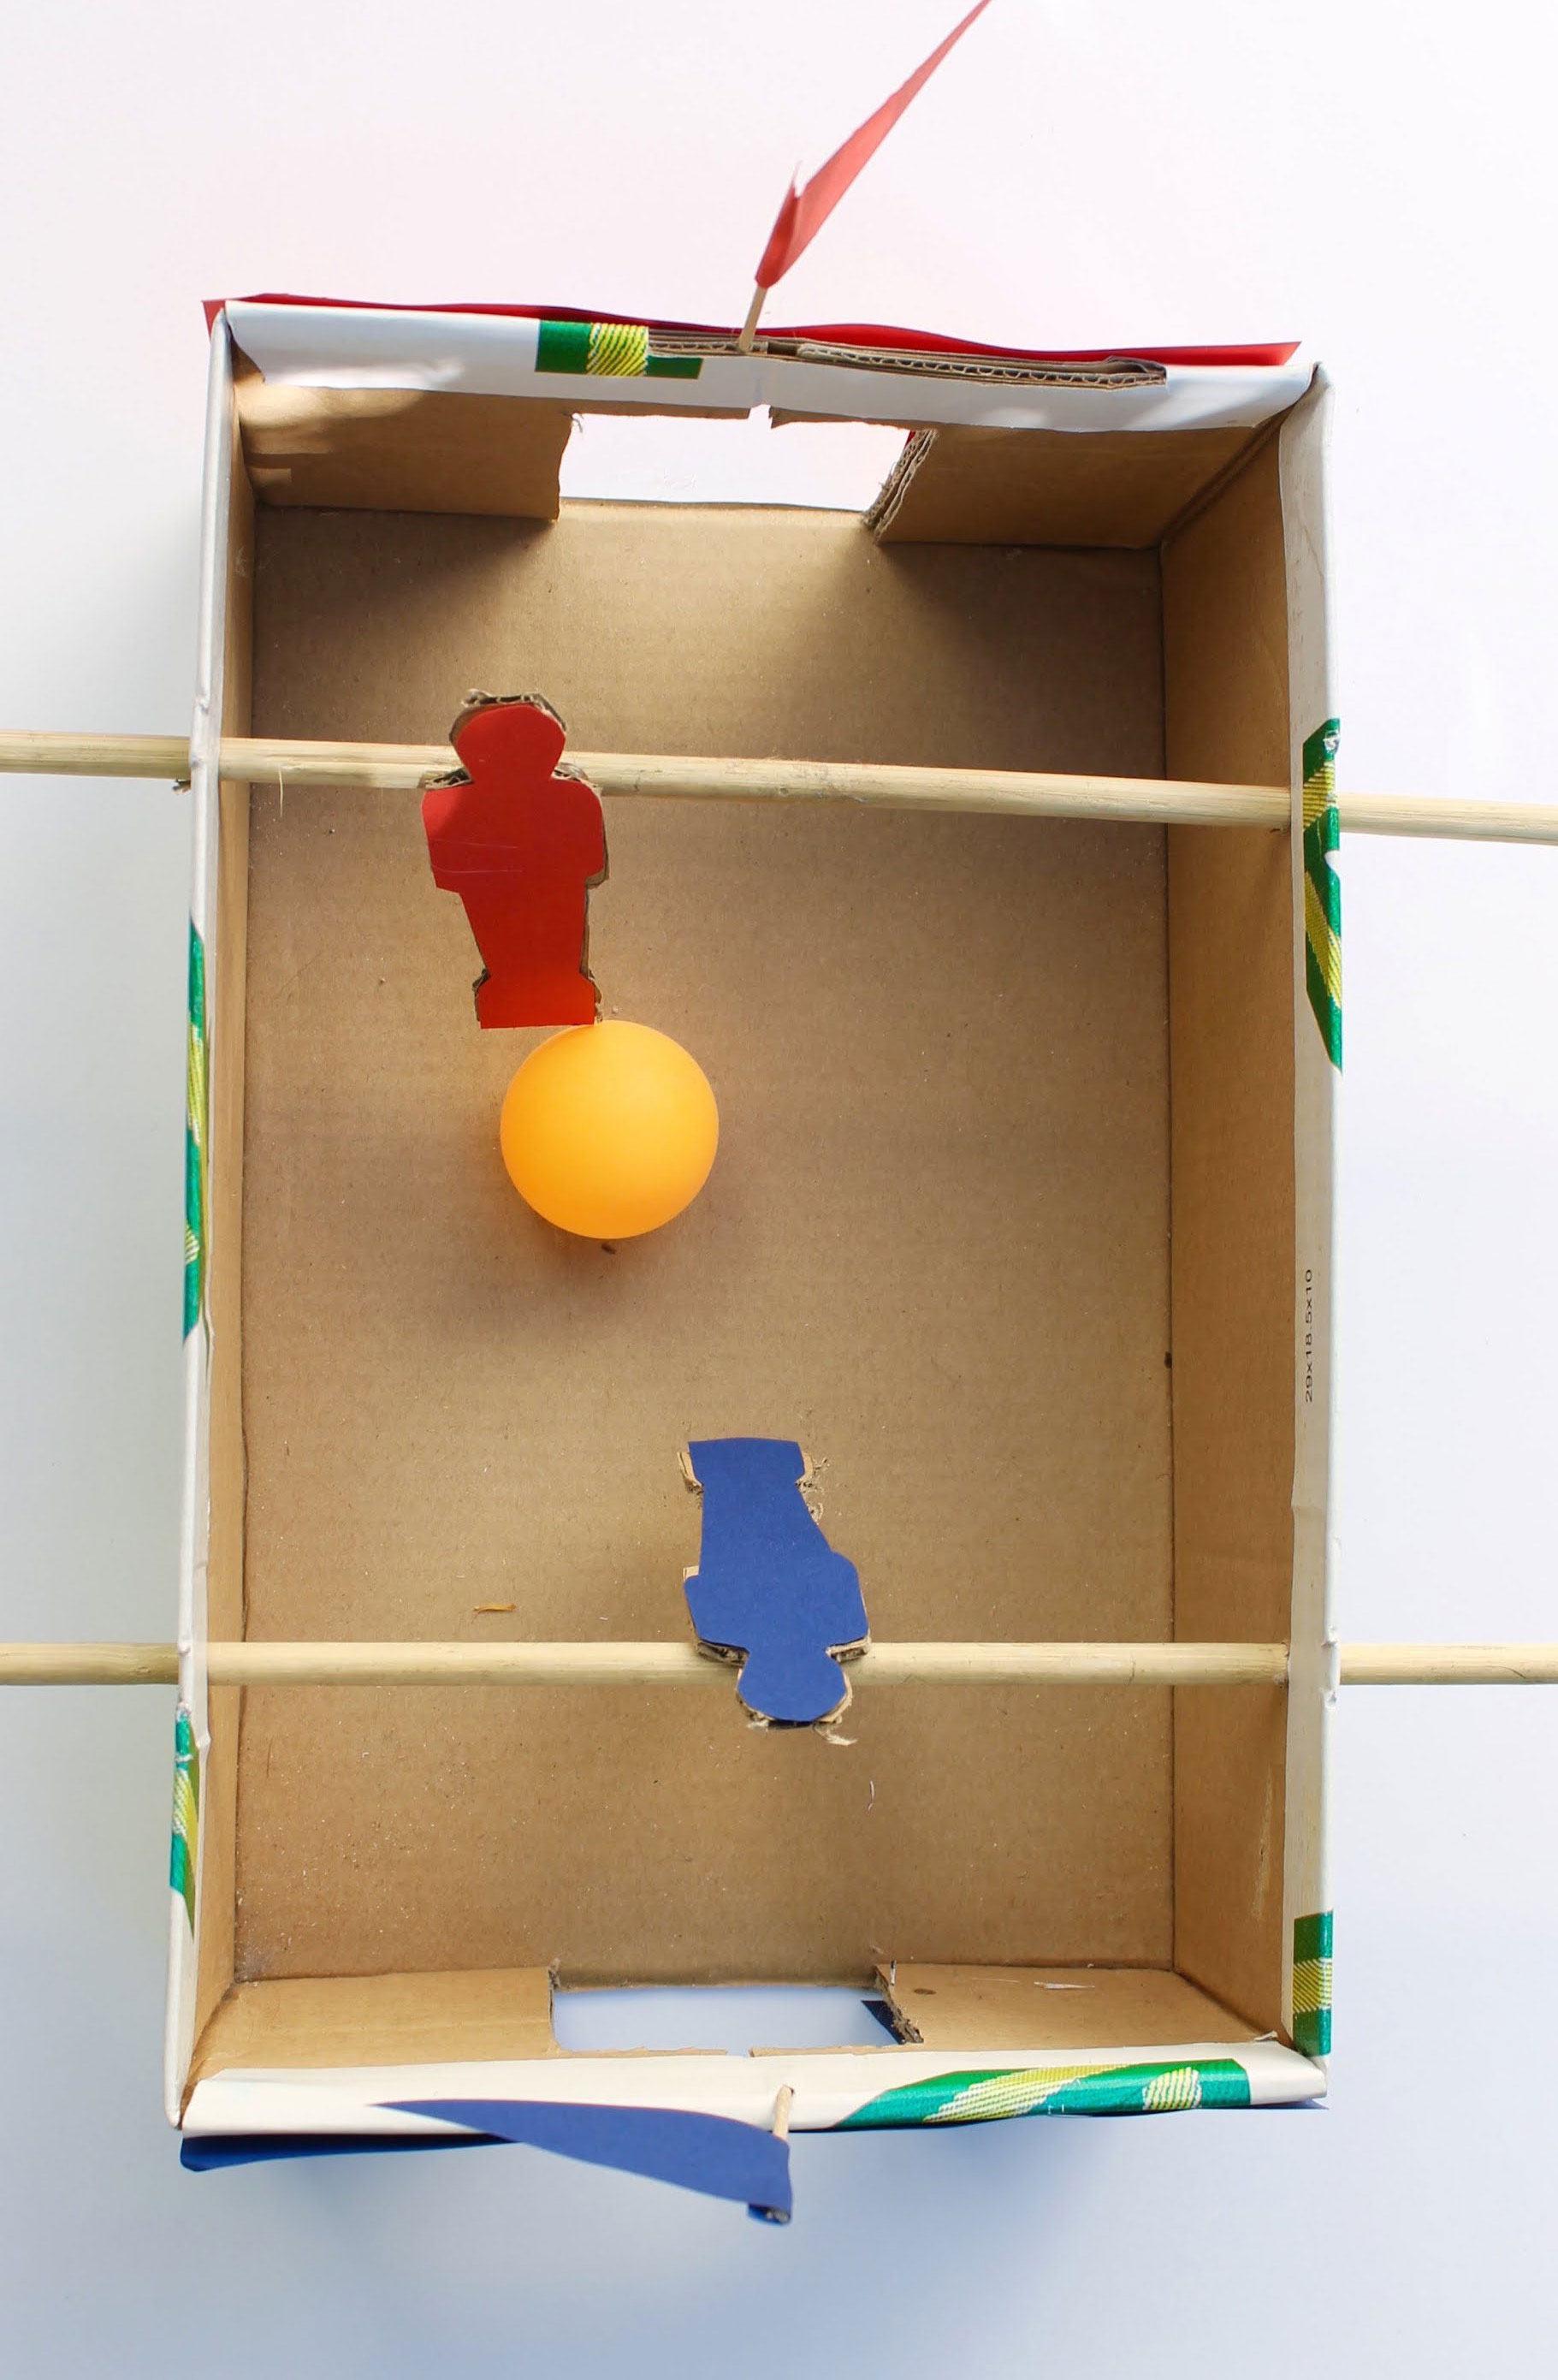 Jogo de pebolim simples feito com caixa de papelão que pode ser adaptado a caixa de sapato.